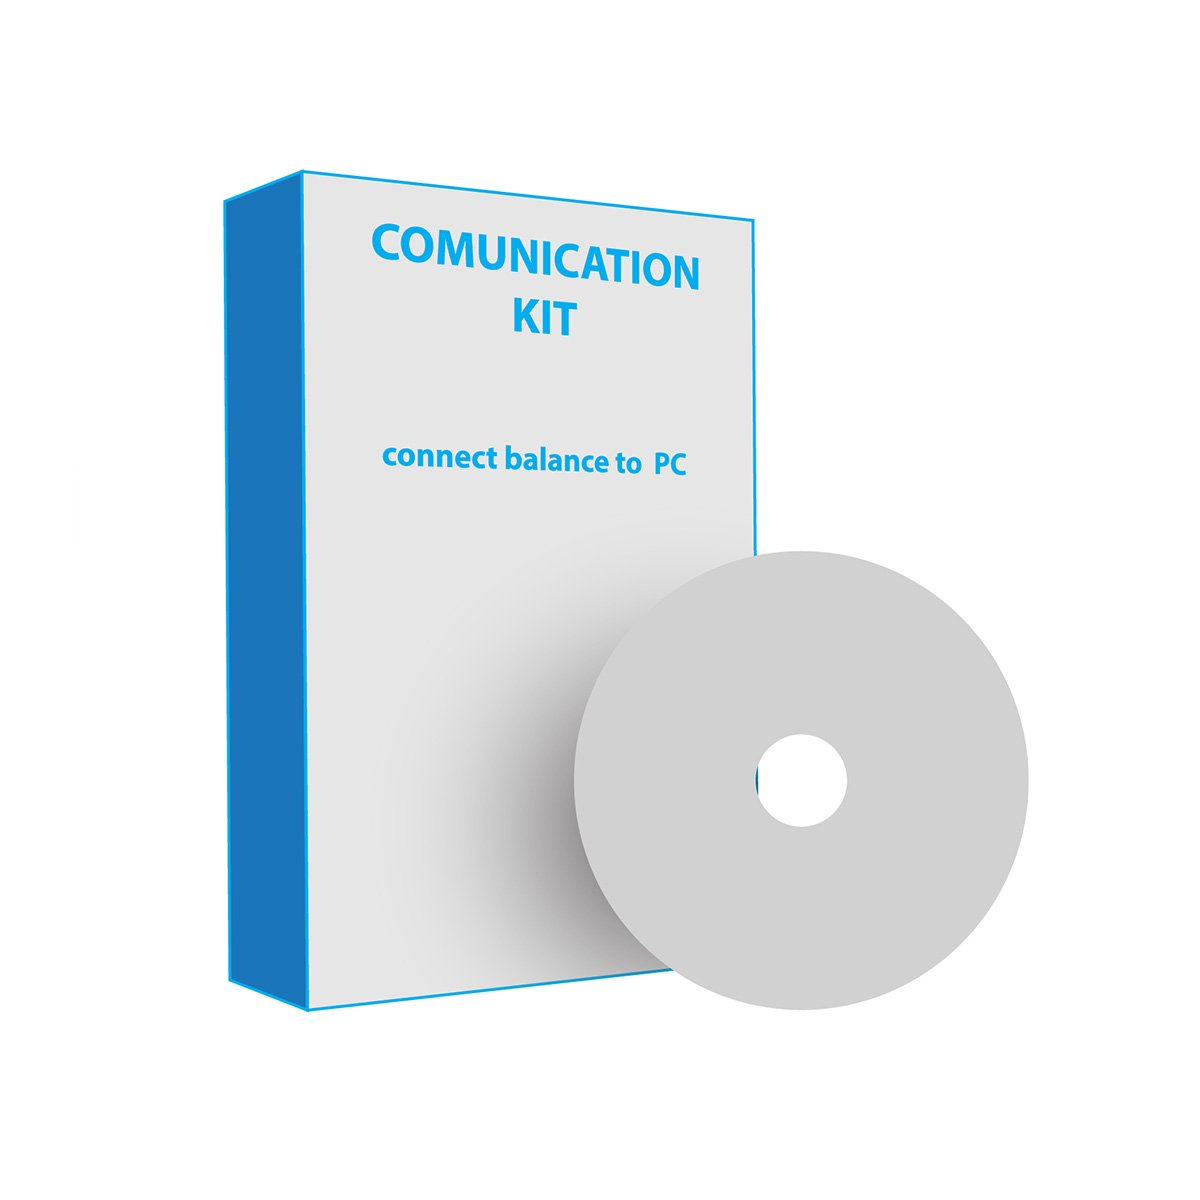 comunicationKIT